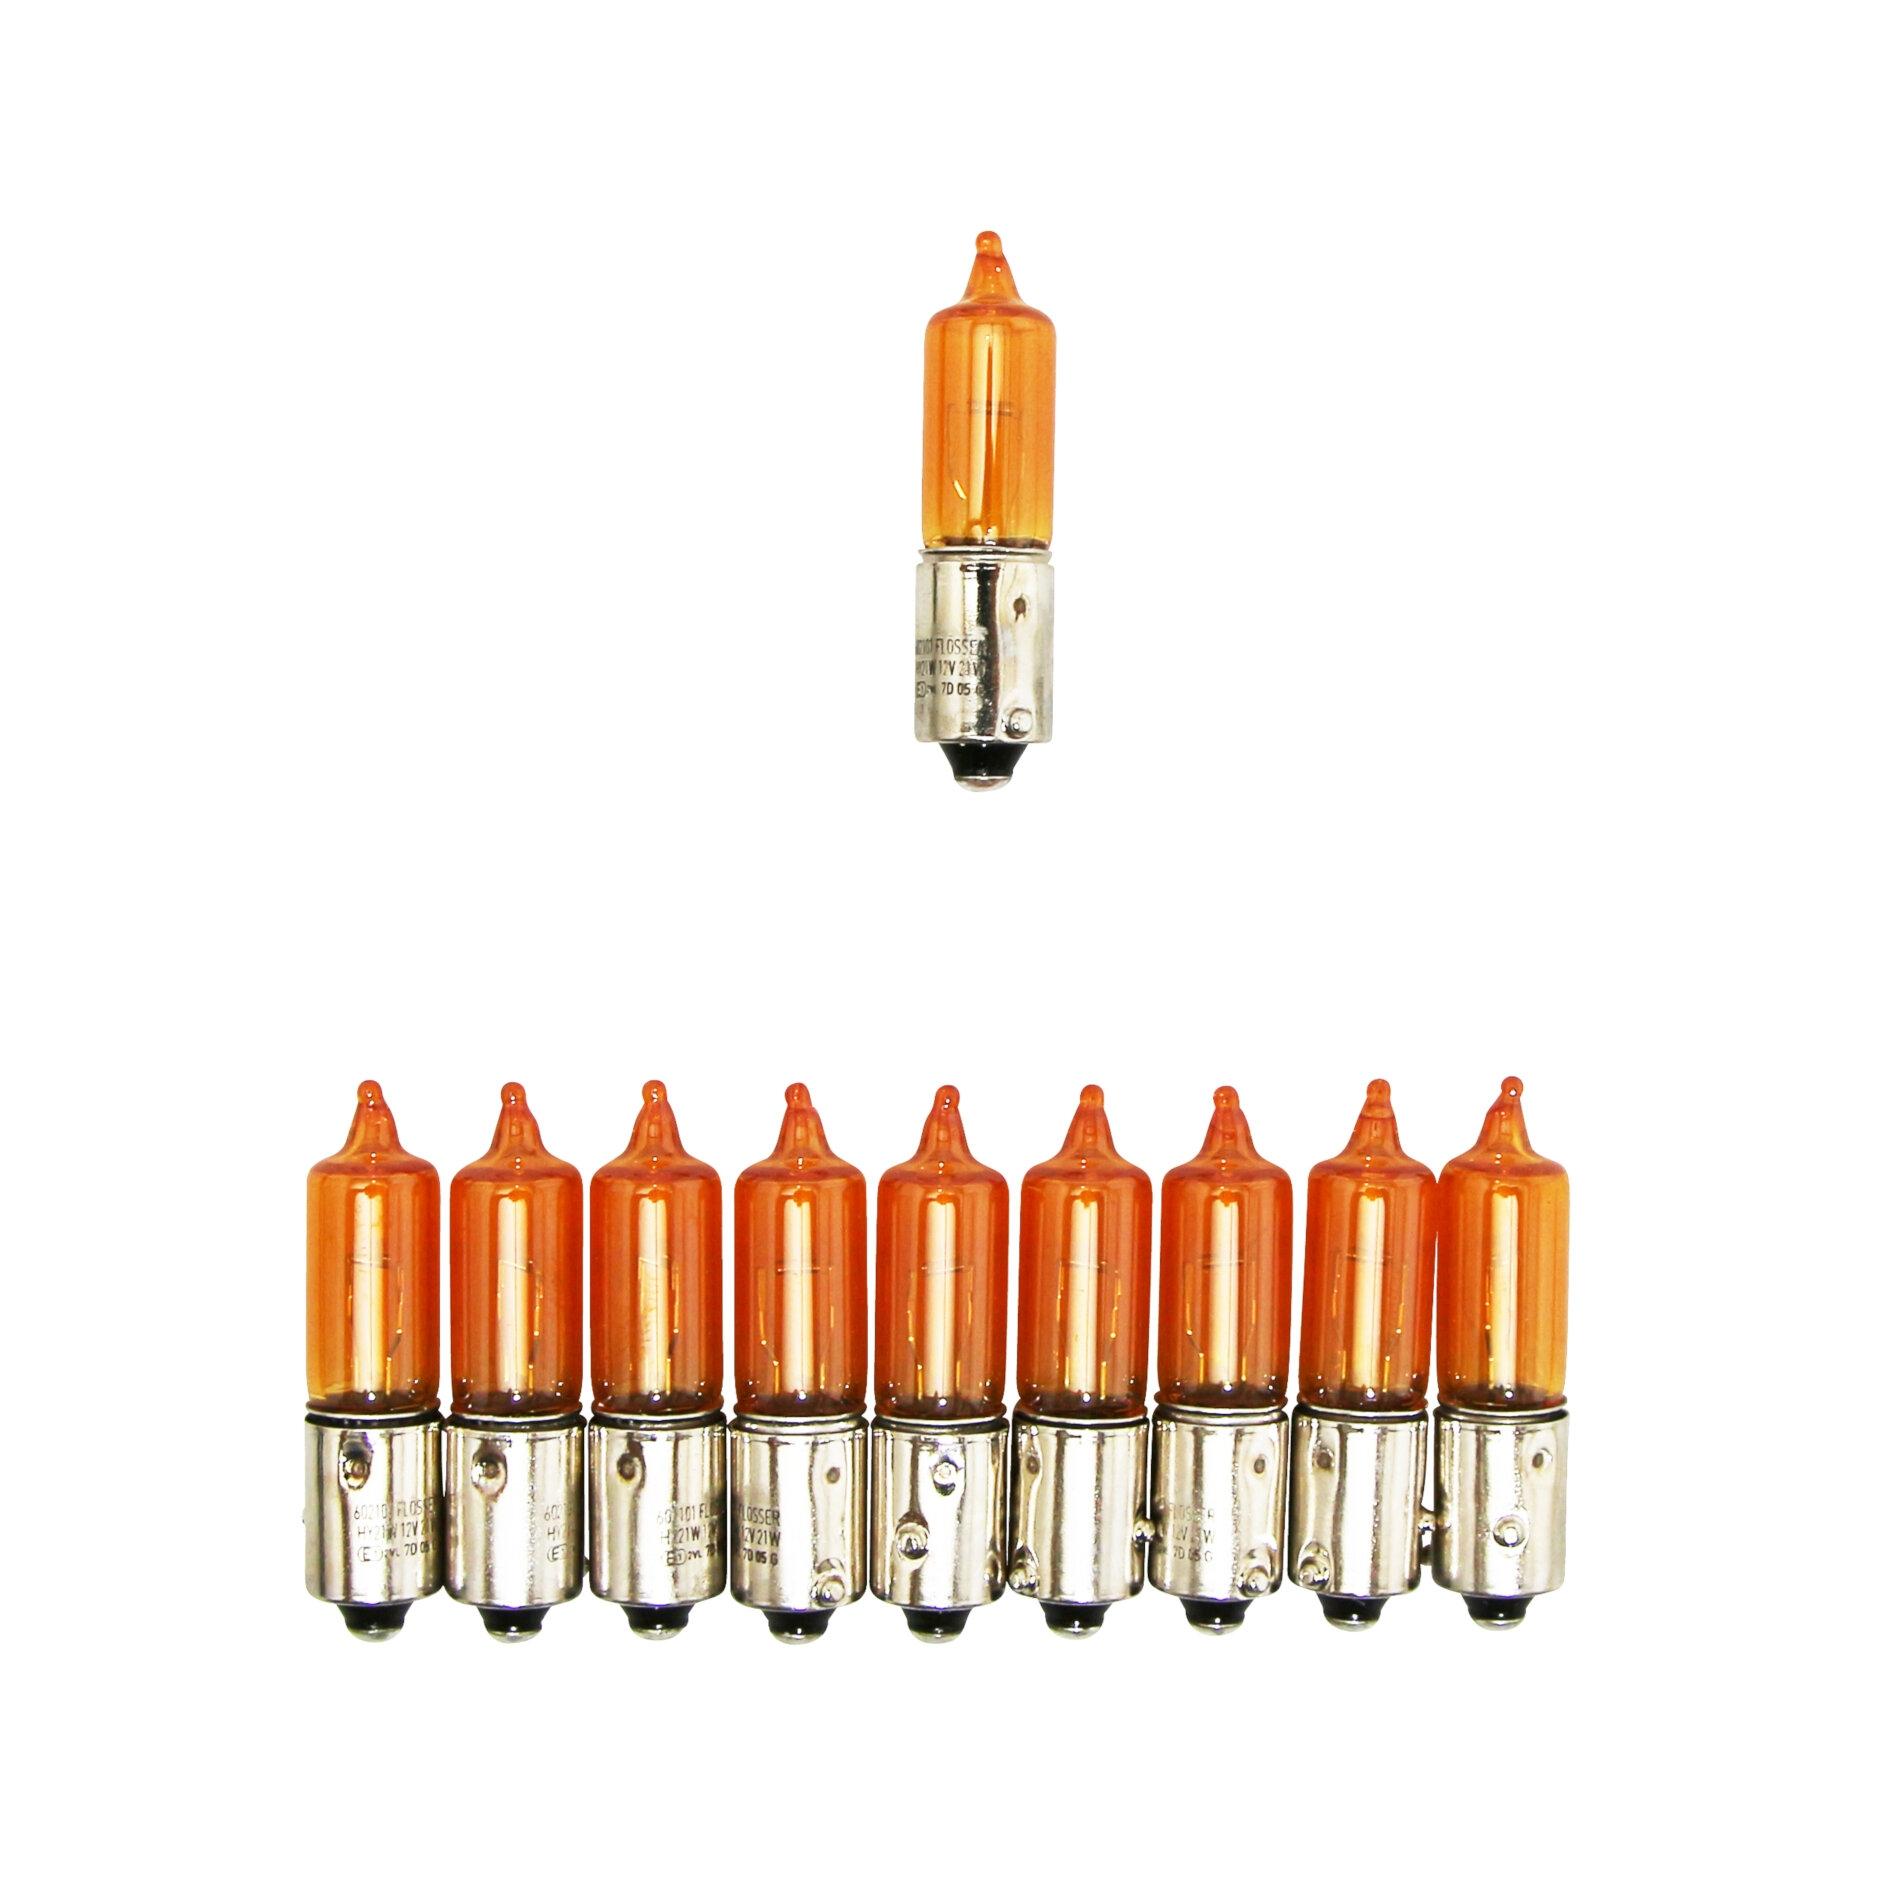 Ampoules Flosser 12V 21W H21 culot BAY9S avec ergots décalés oranges (